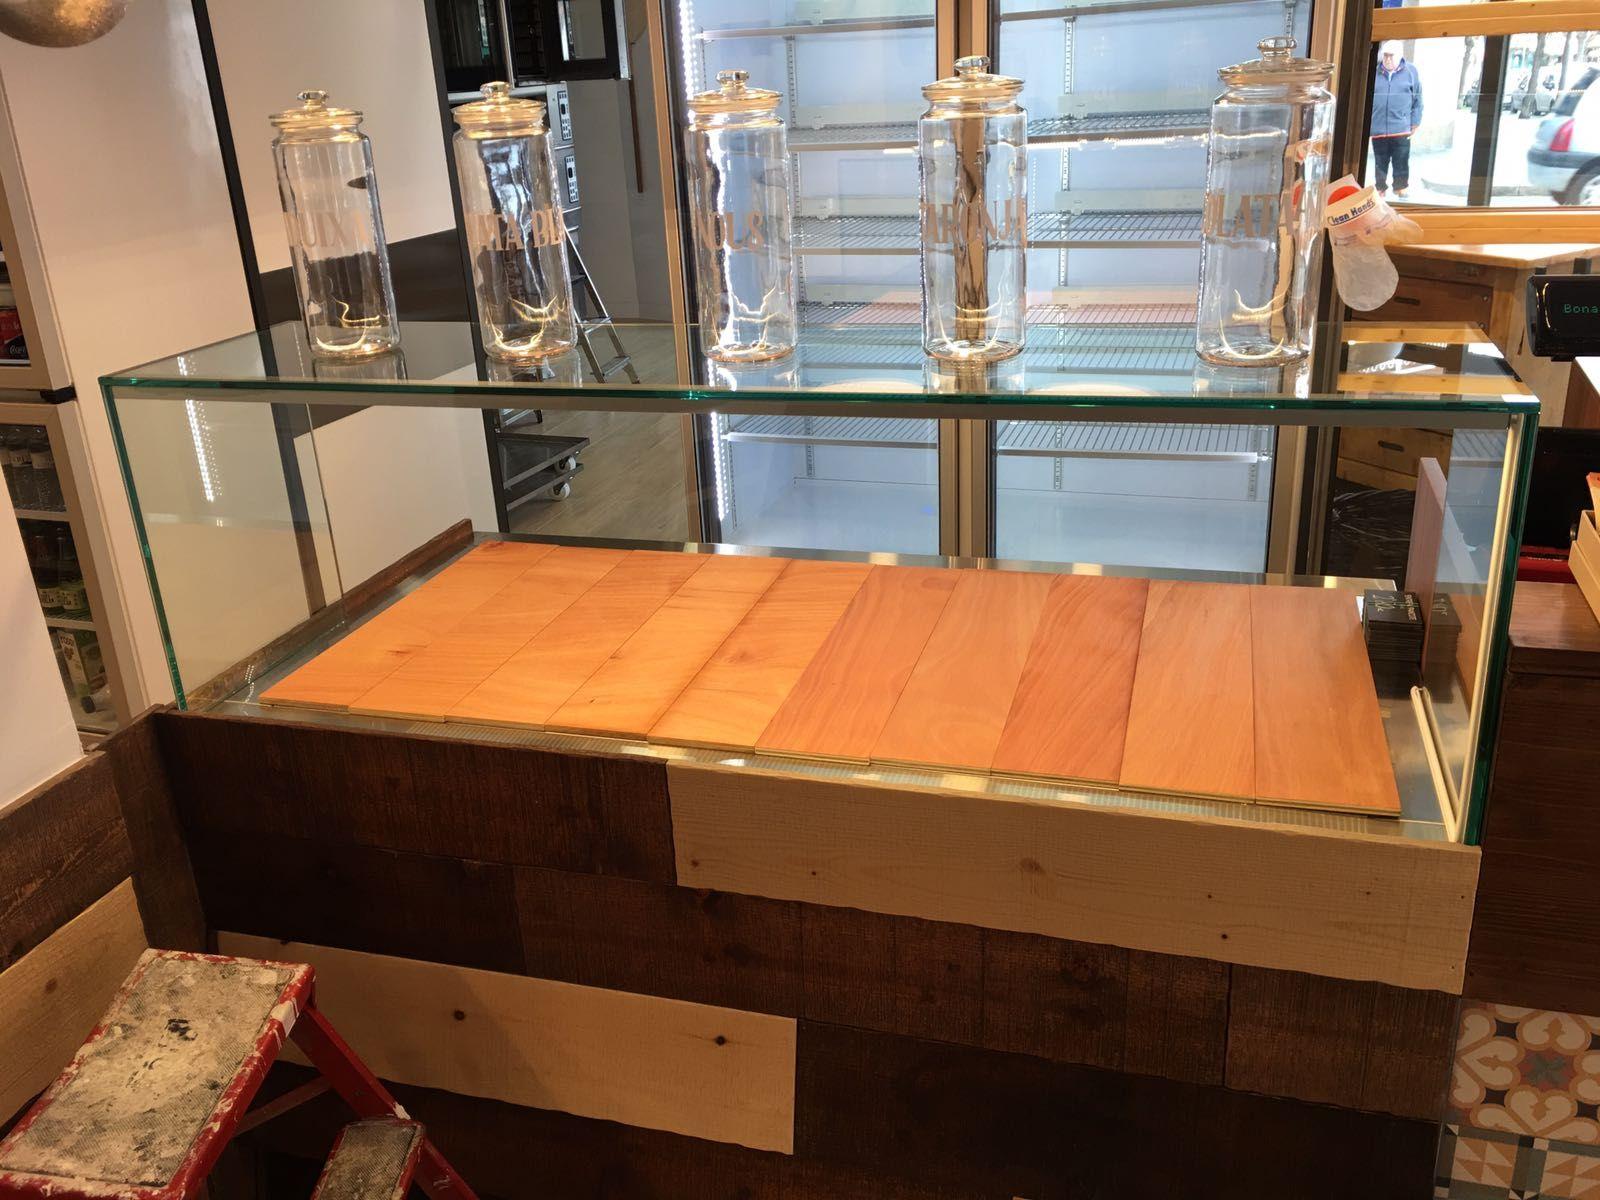 Objetos de decoración: Productos y servicios de Cristalería Jiménez